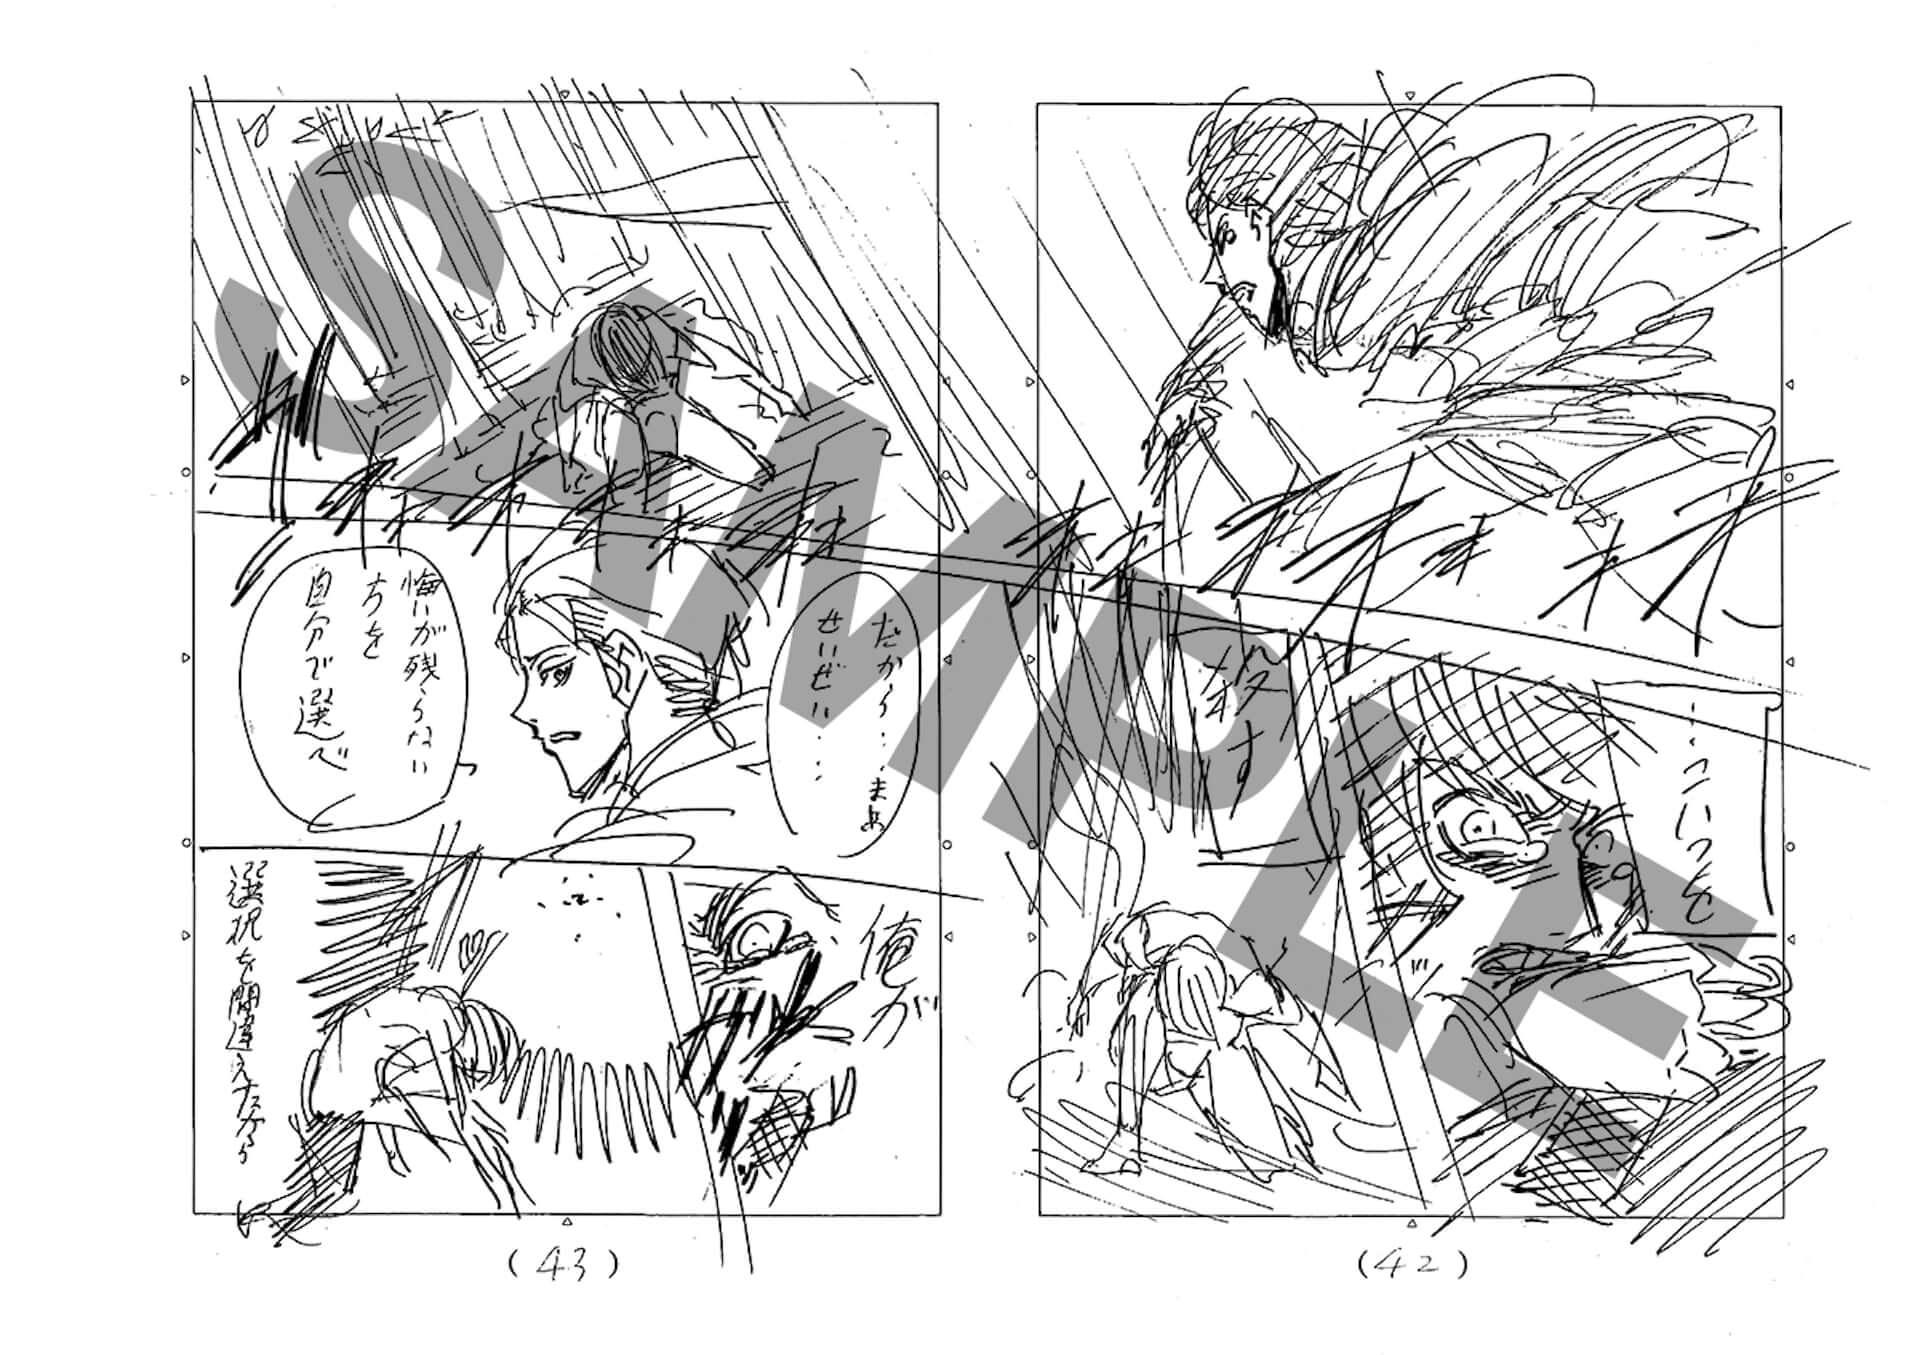 進撃の巨人がひらパーに襲来!<進撃の巨人展FINALinひらかたパーク>が開催|大阪展限定描き下ろしアニメイラストも公開 art190913_shingekinokyojin_hirakata_23-1920x1355